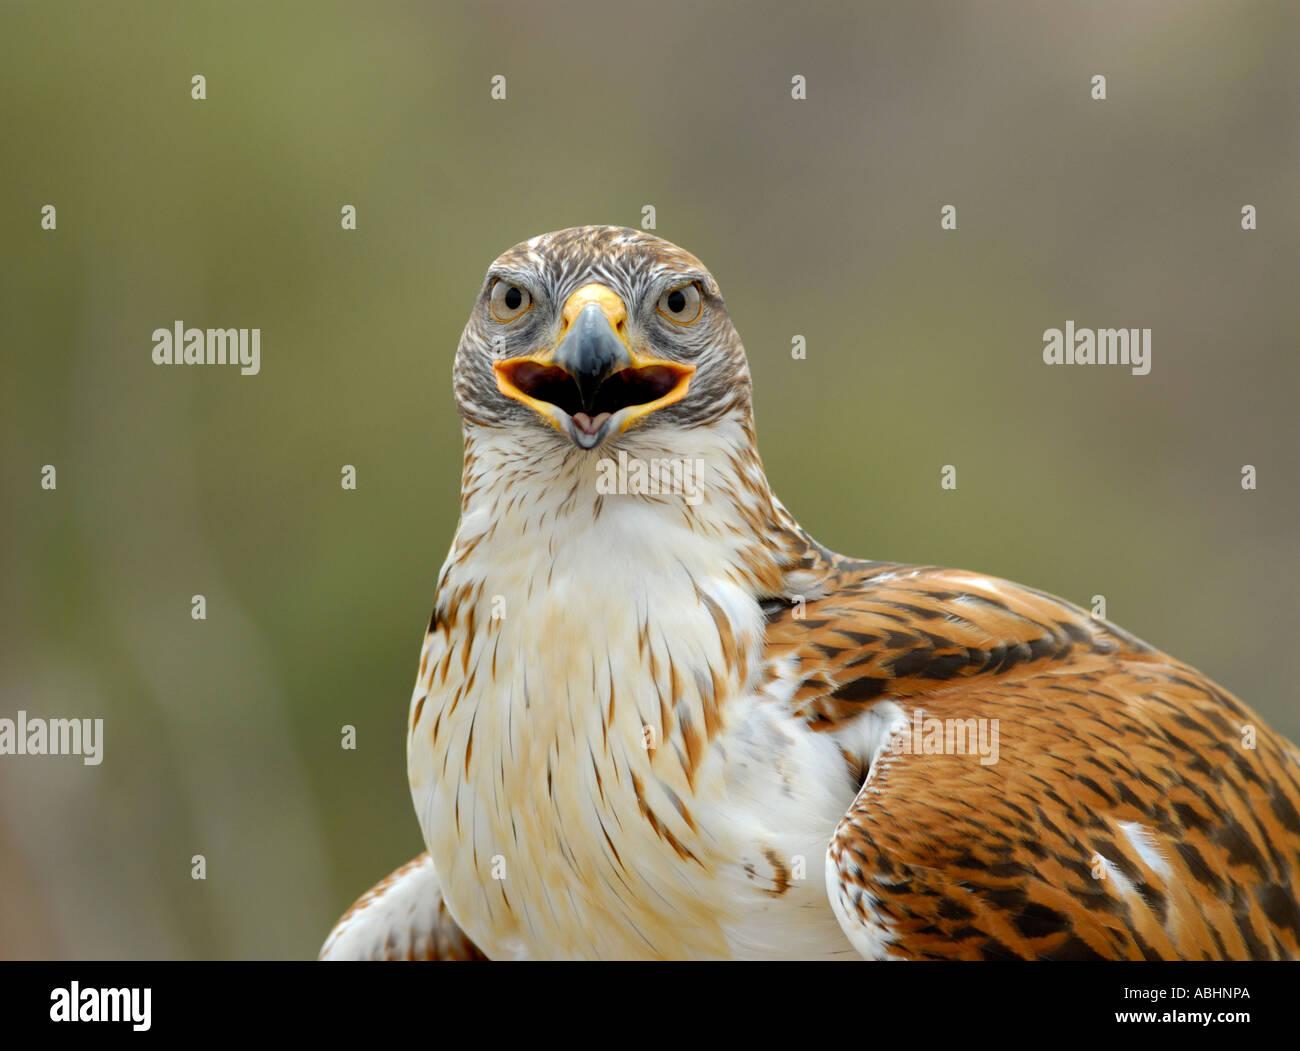 Eisenhaltiger Falke, Buteo Regalis, close-up von Körper und Kopf Blick in die Kamera Stockbild